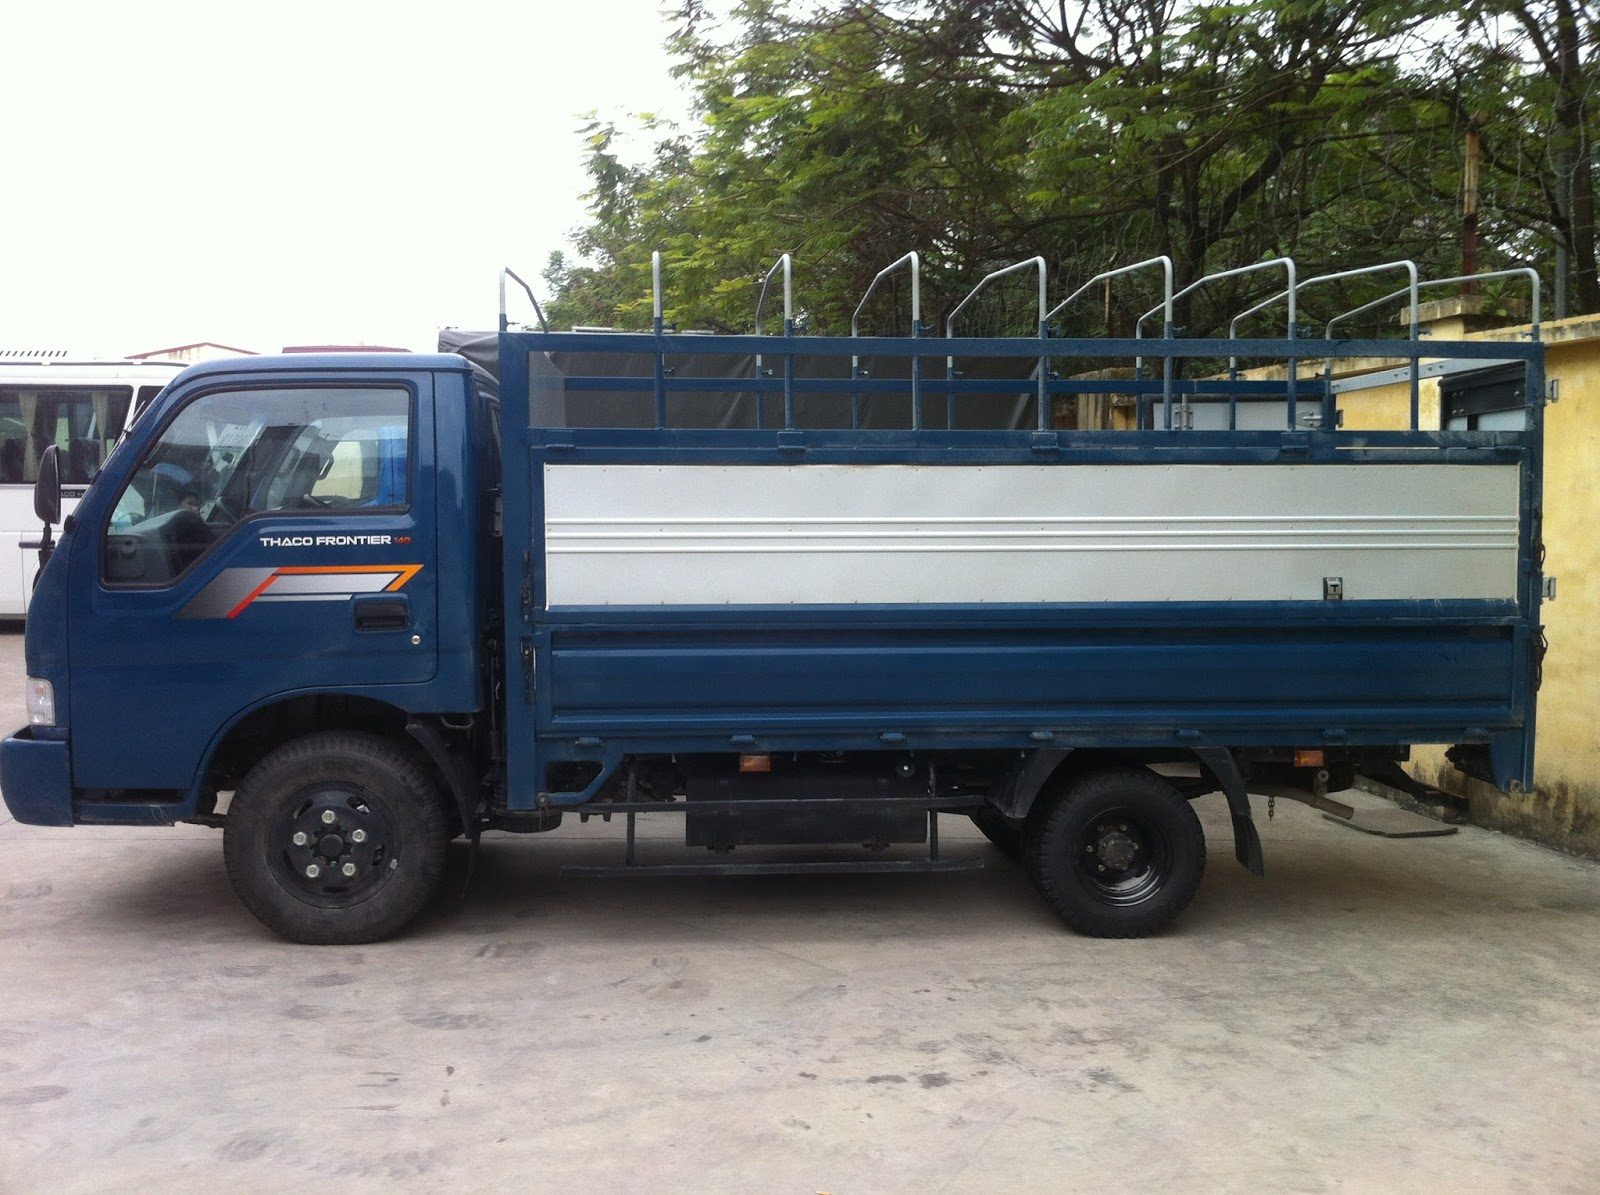 Thuê xe tải chở hàng 2 tấn tại Hà Nội chuyên nghiệp, giá tốt